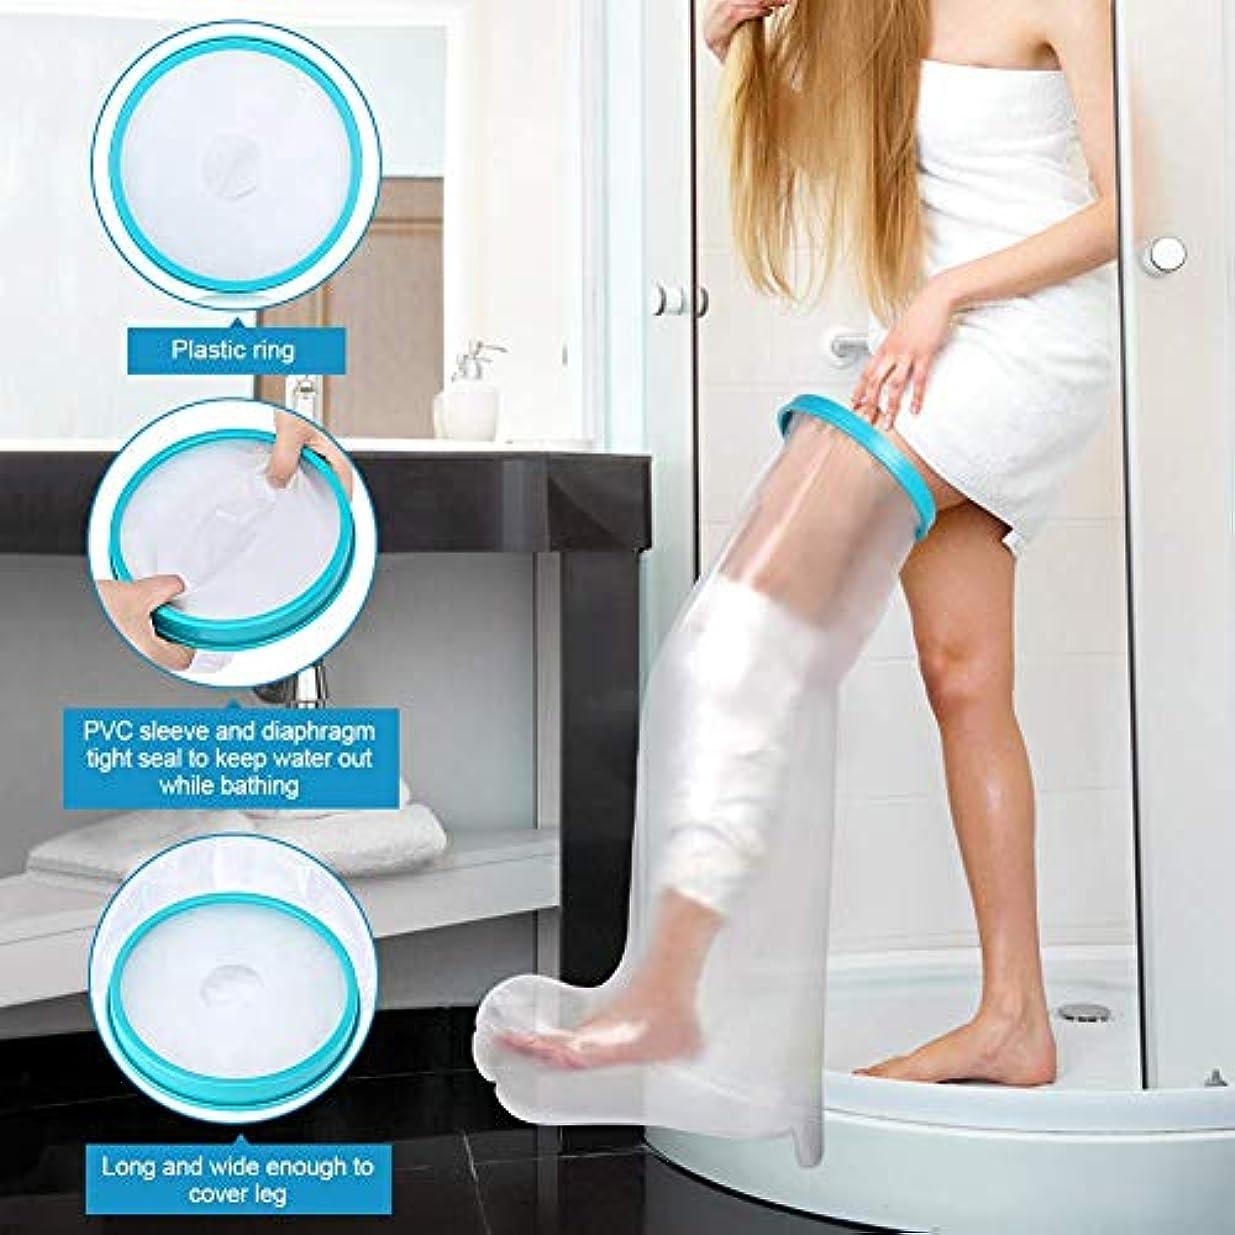 接ぎ木ピュー美人シャワー、防水シールタイト大人脚キャストとシャワー、お風呂用包帯プロテクターとホット浴槽用脚キャストカバー